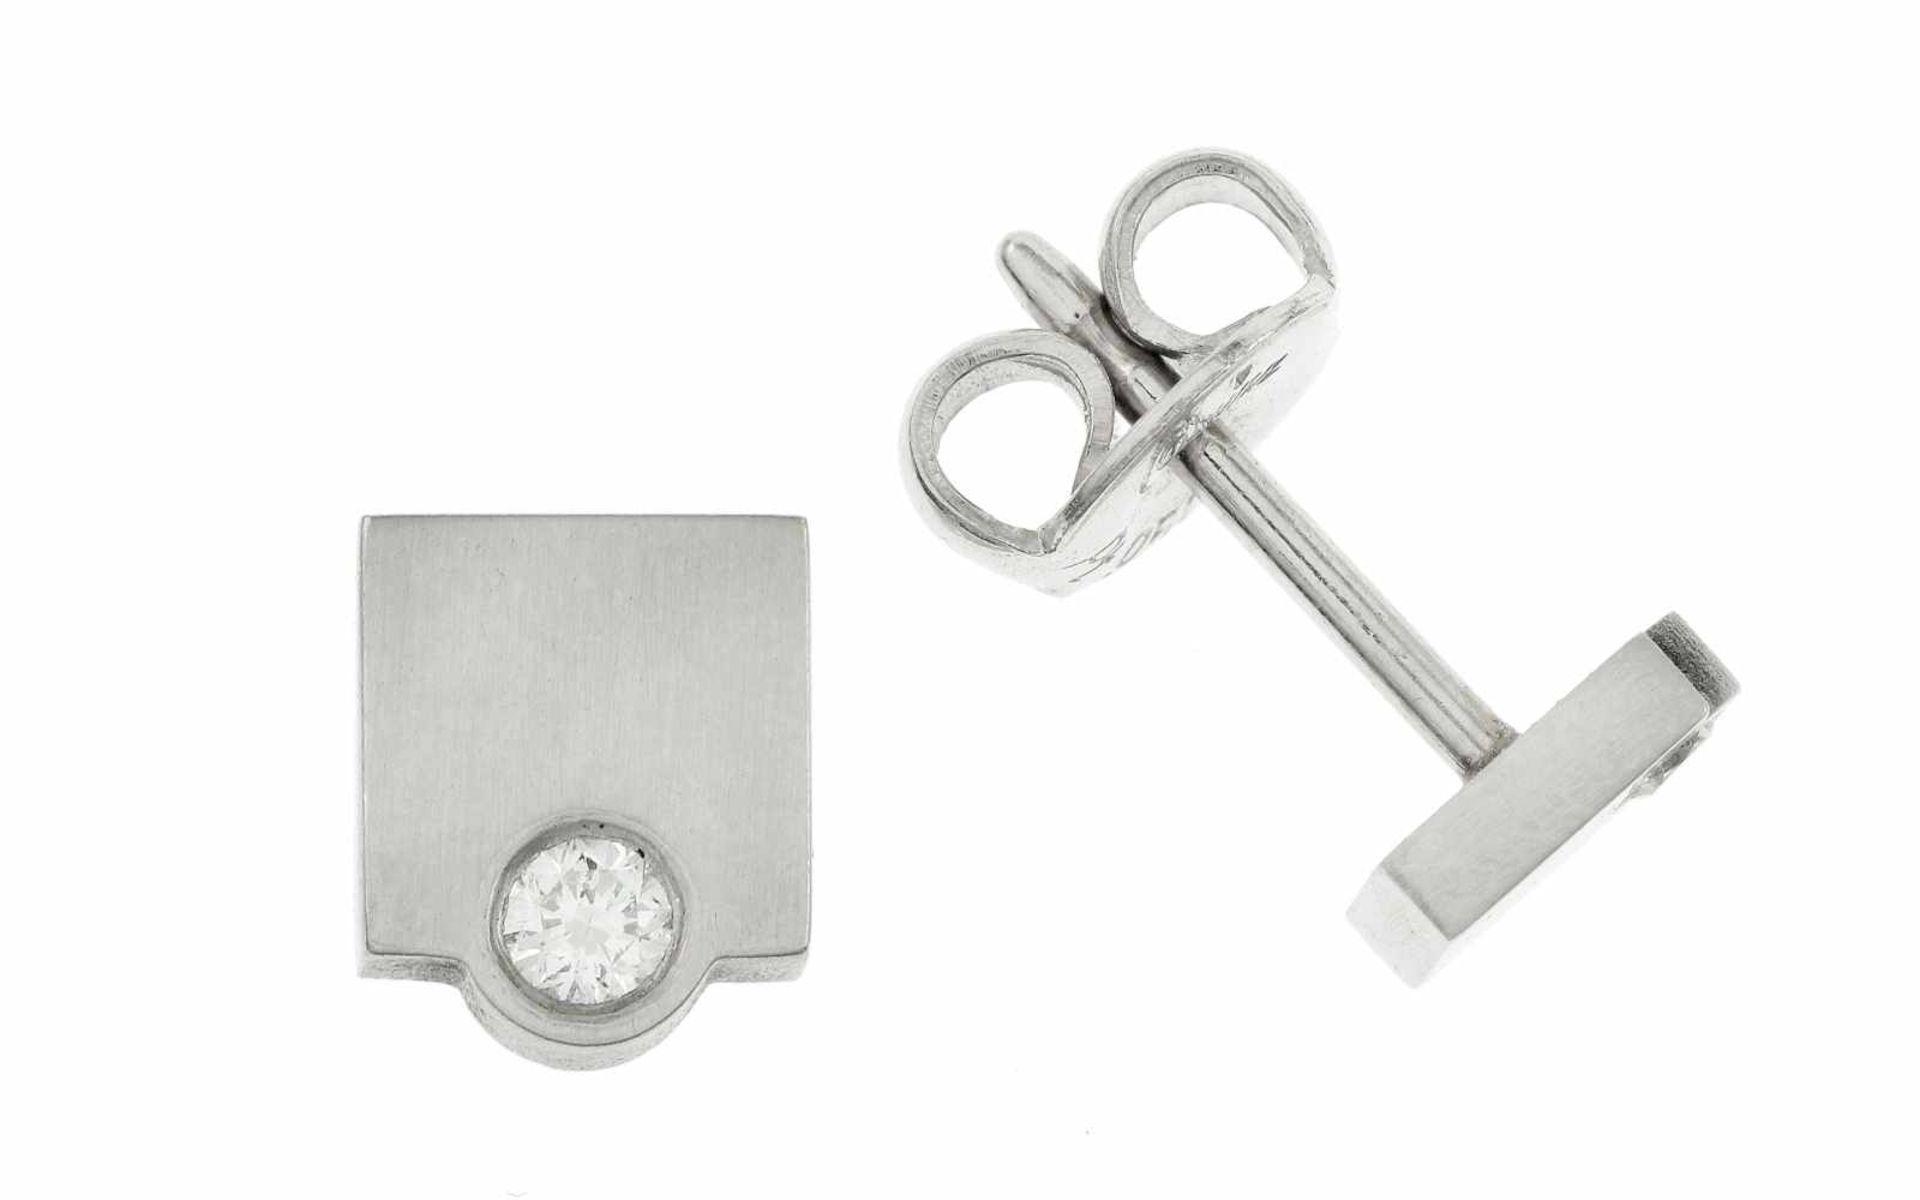 Ohrstecker Ohrstecker 950/- Platin mit 0,05 ct Diamanten Brillantschliff H/si, Länge: 6,00 mm,